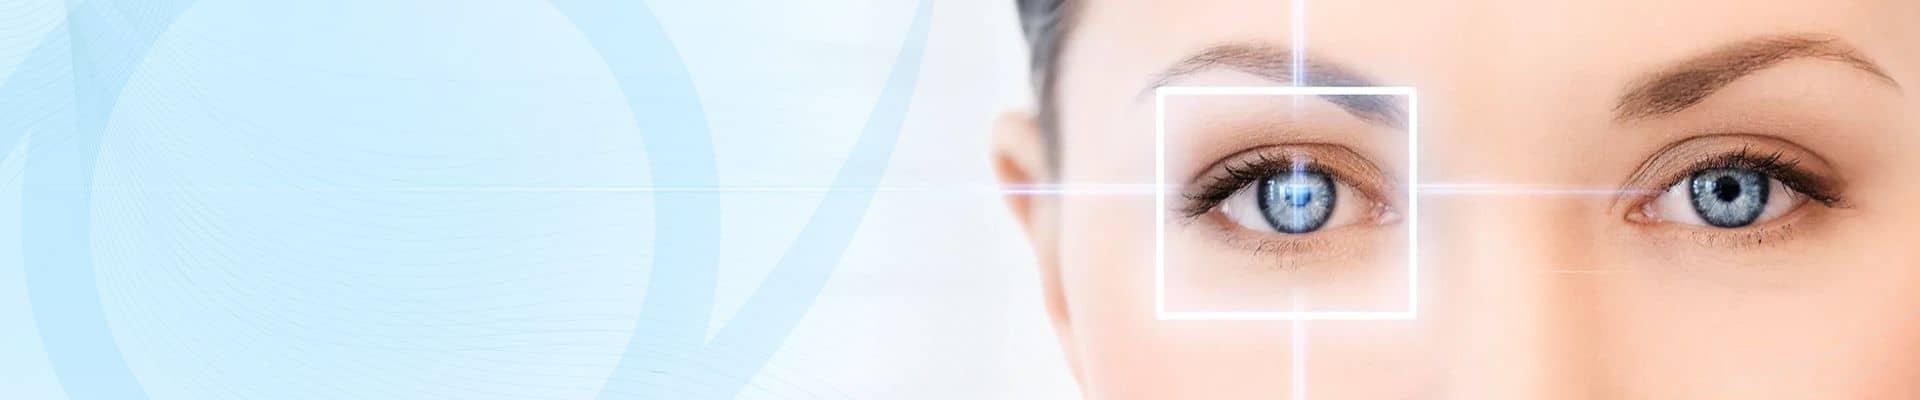 Eltérnek a látásvizsgálatok eredményei. Ez hogy fordulhat elő?